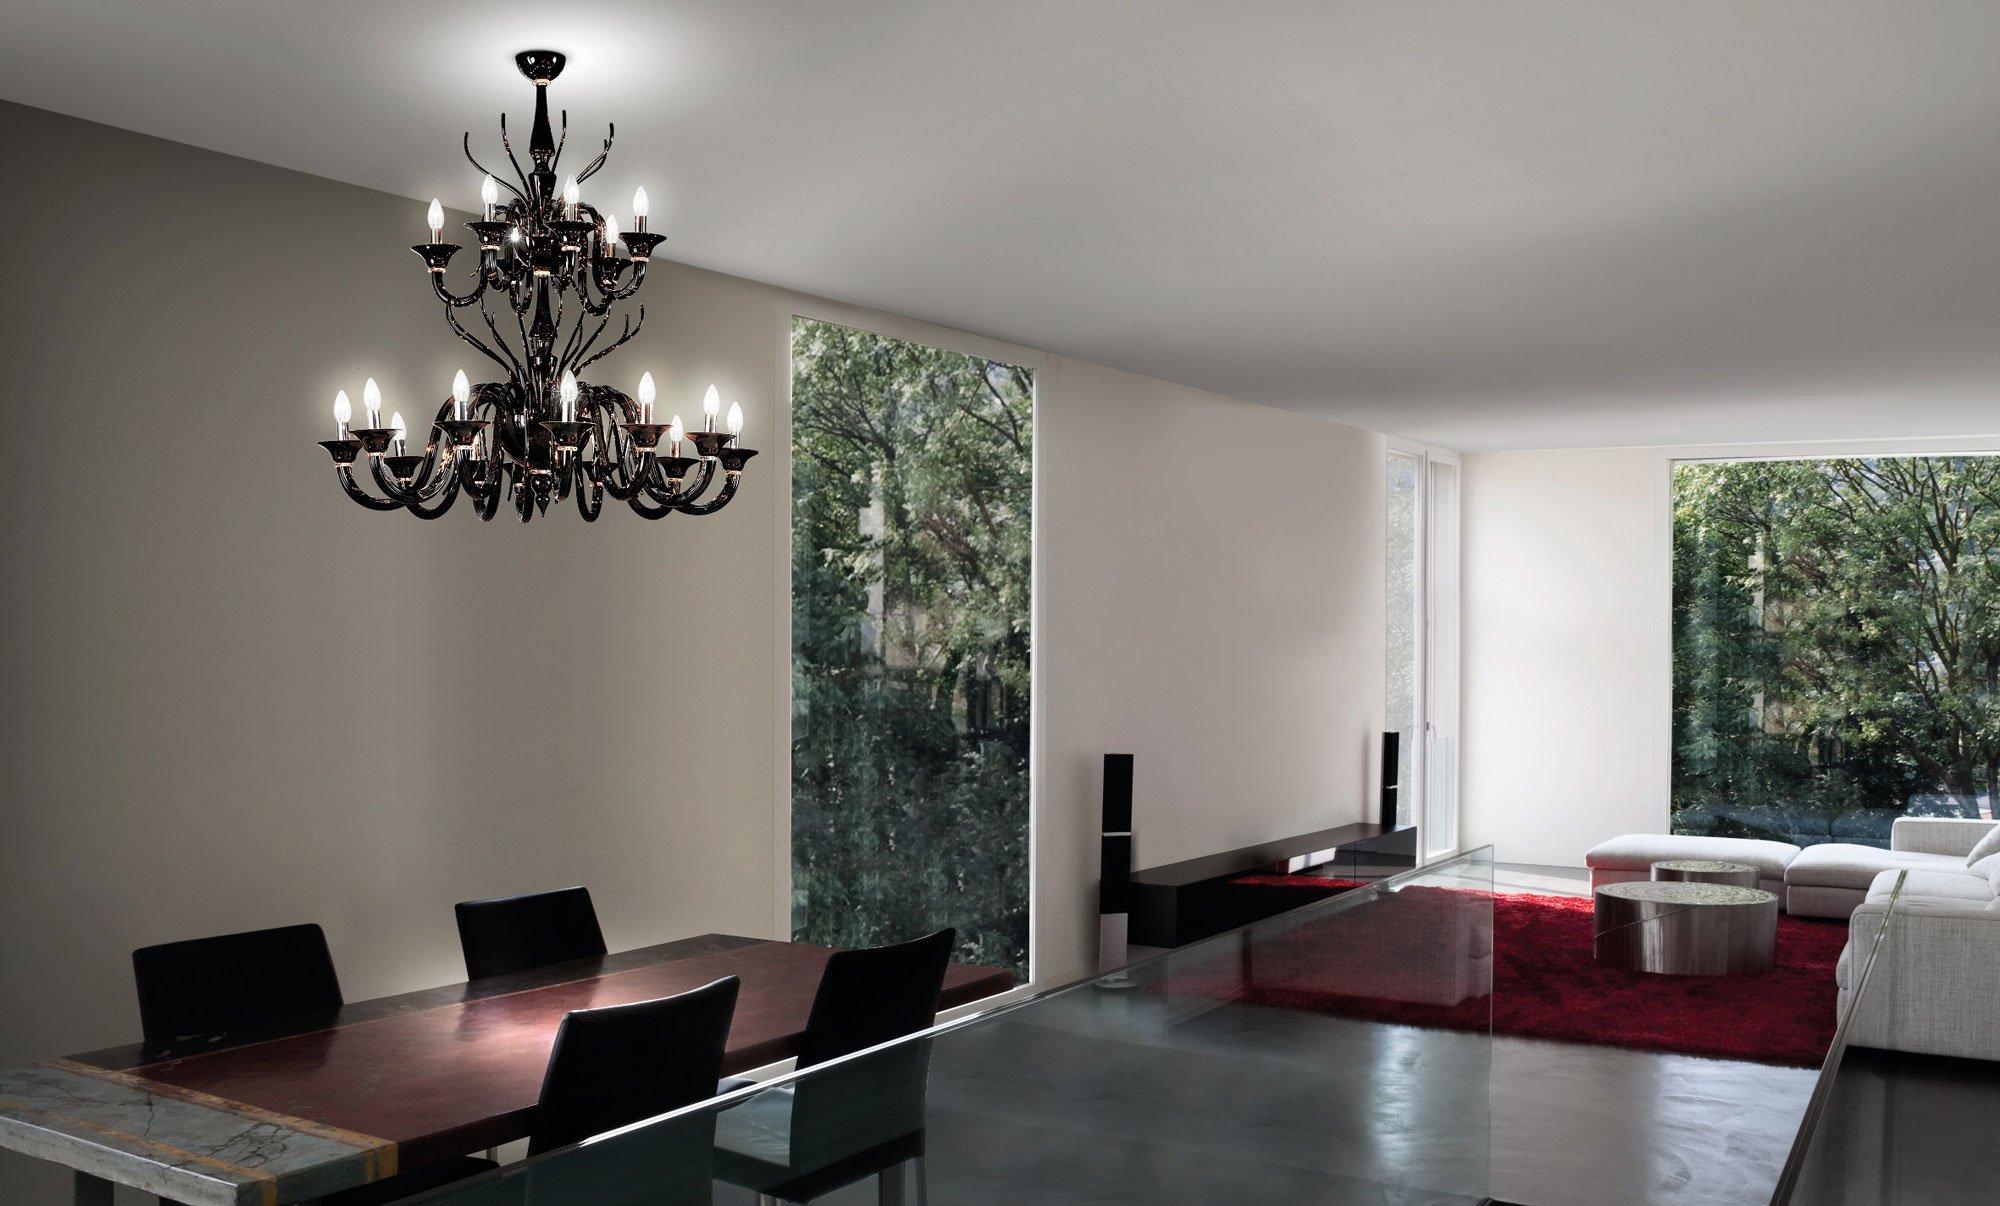 Illuminazione camera da letto scelta sospensioni lampade design - Lampadari per camera da letto classica ...